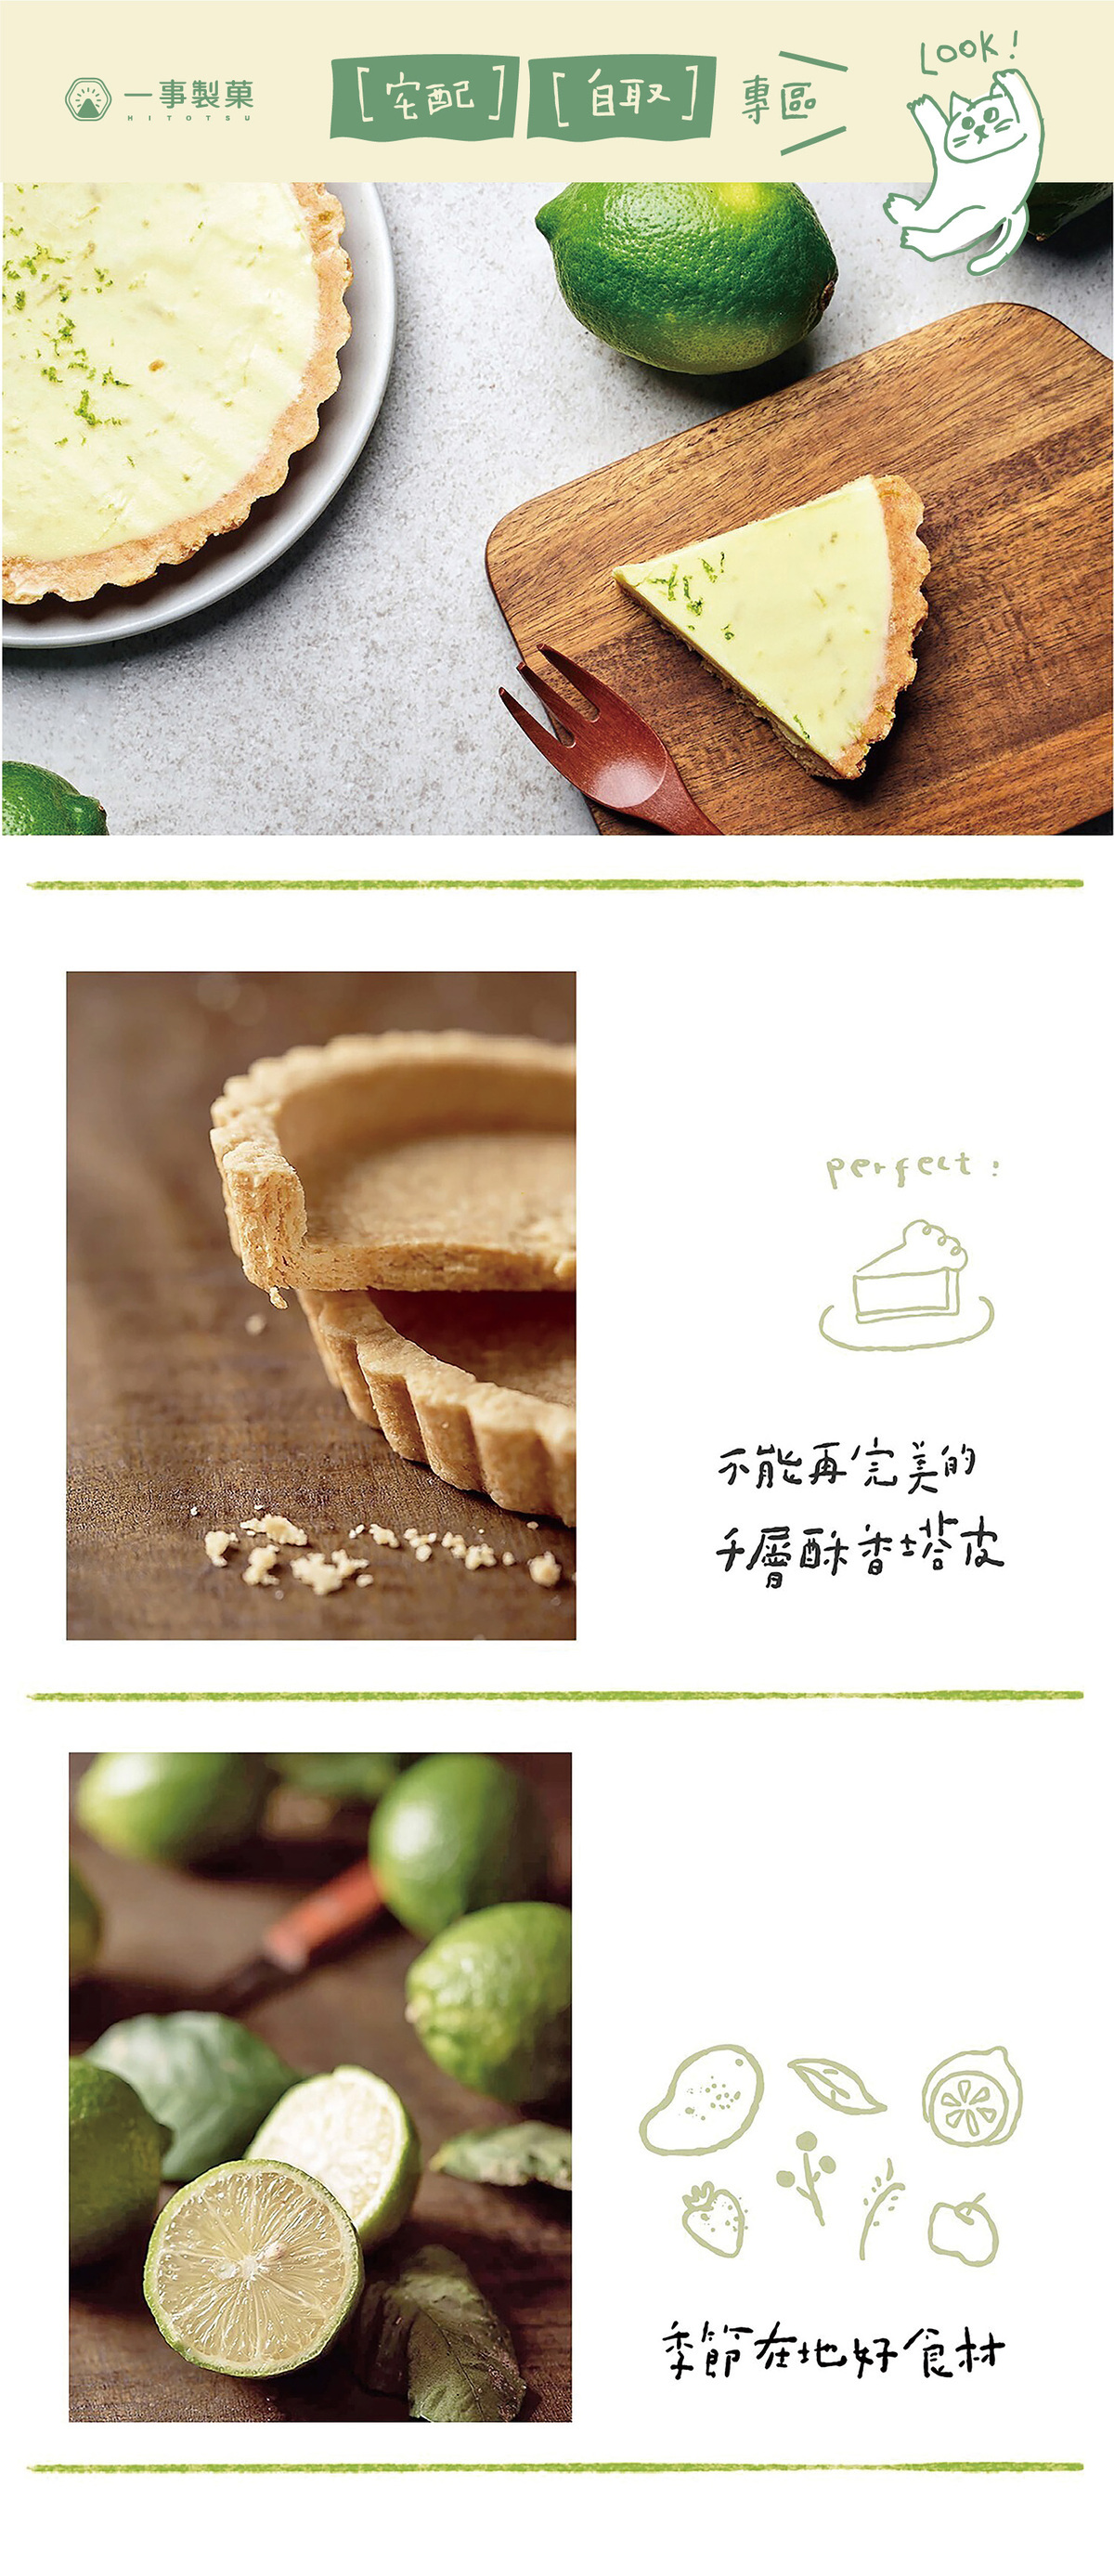 「一事製菓」甜點預購